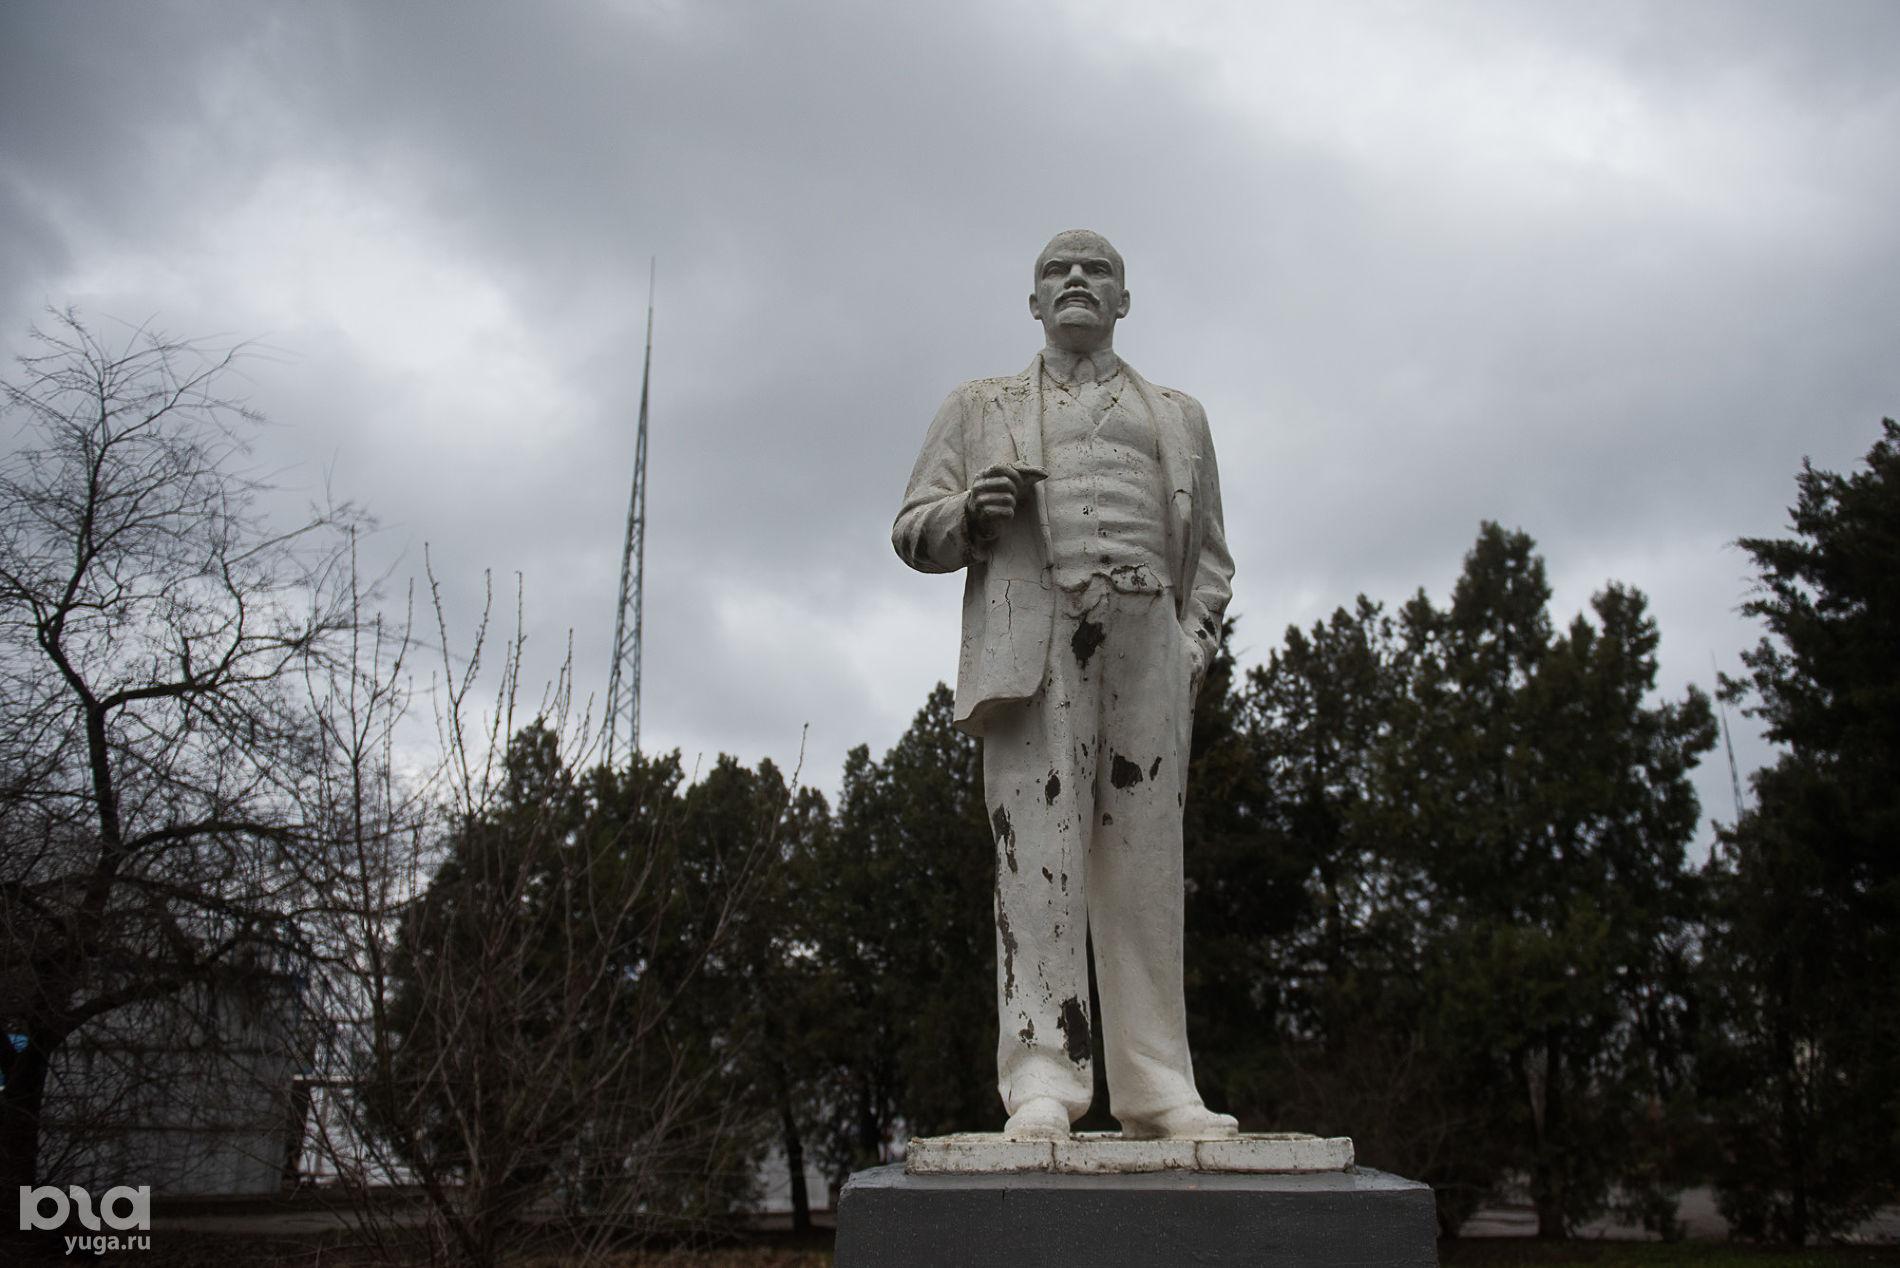 Памятник Ленину на территории нефтеперерабатывающего завода на улице Захарова ©Фото Елены Синеок, Юга.ру